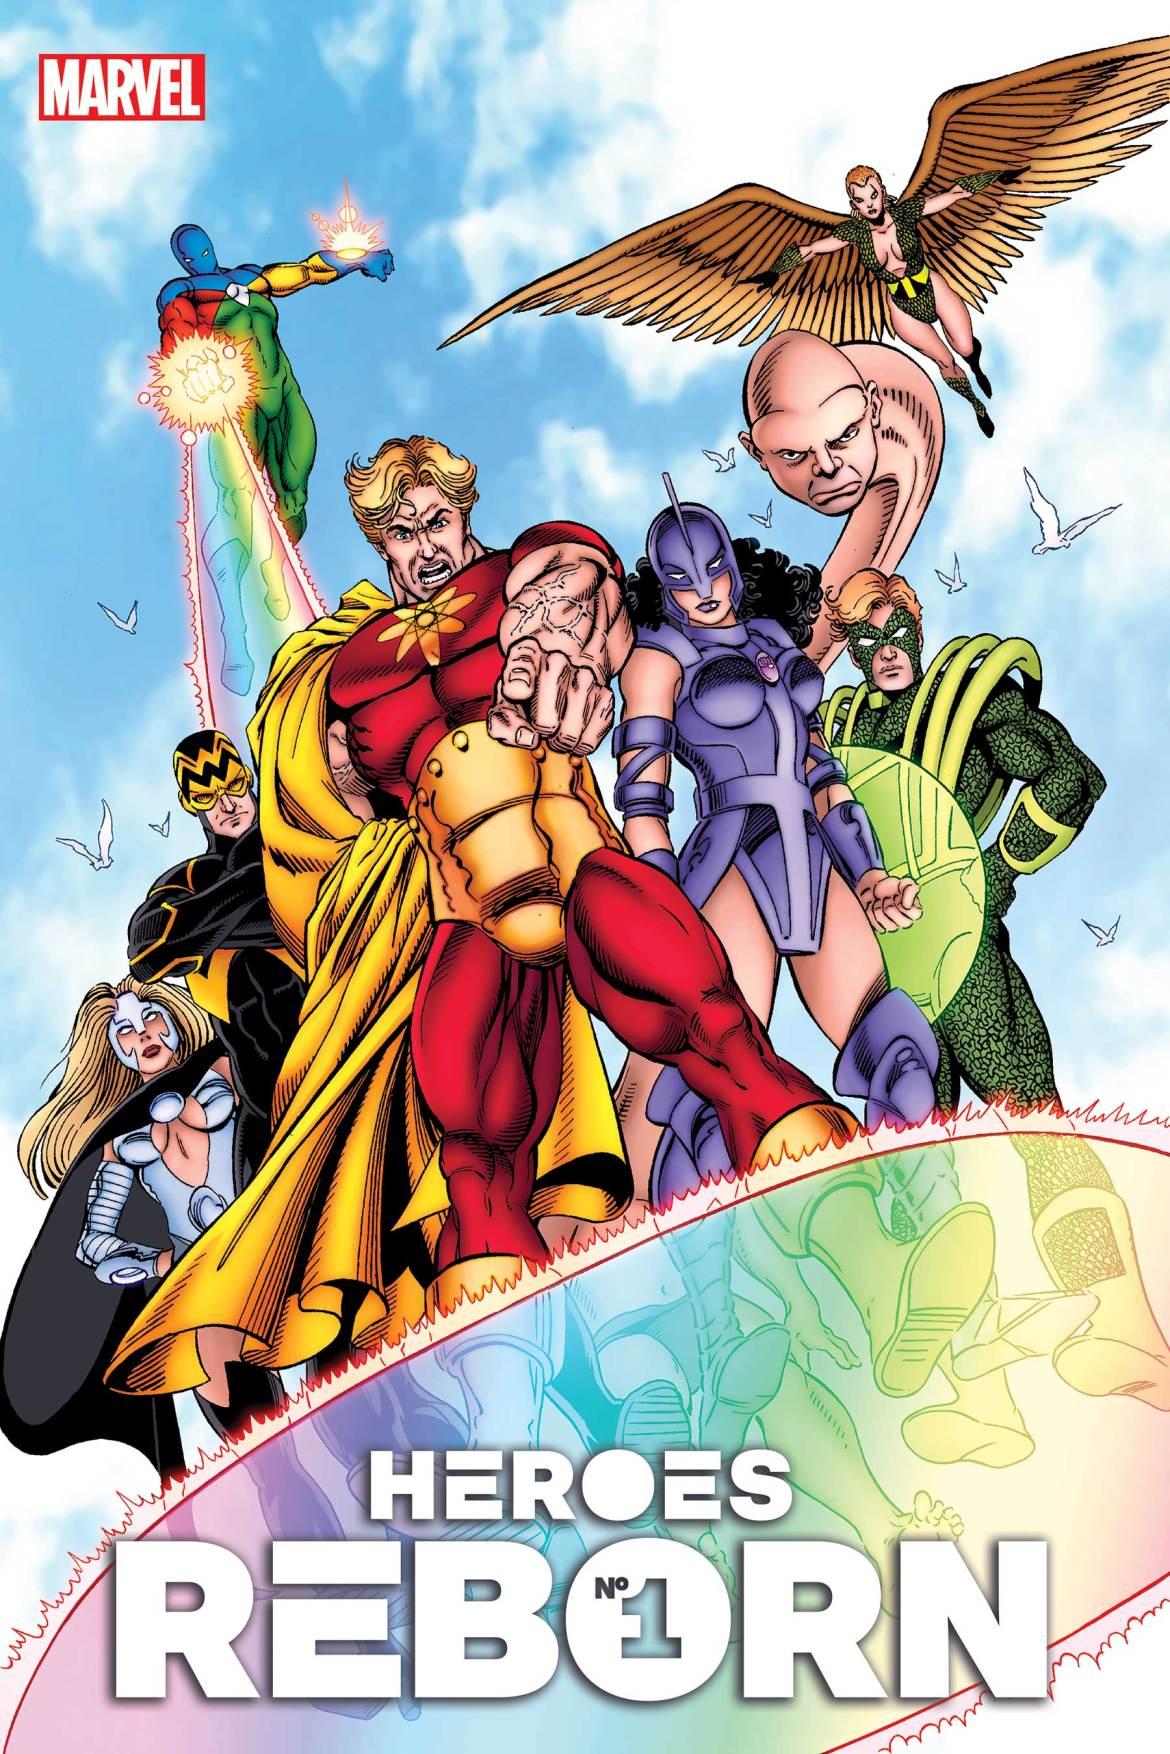 HEROESREBORN2021001_Hidden_Gem Marvel Comics May 2021 Solicitations